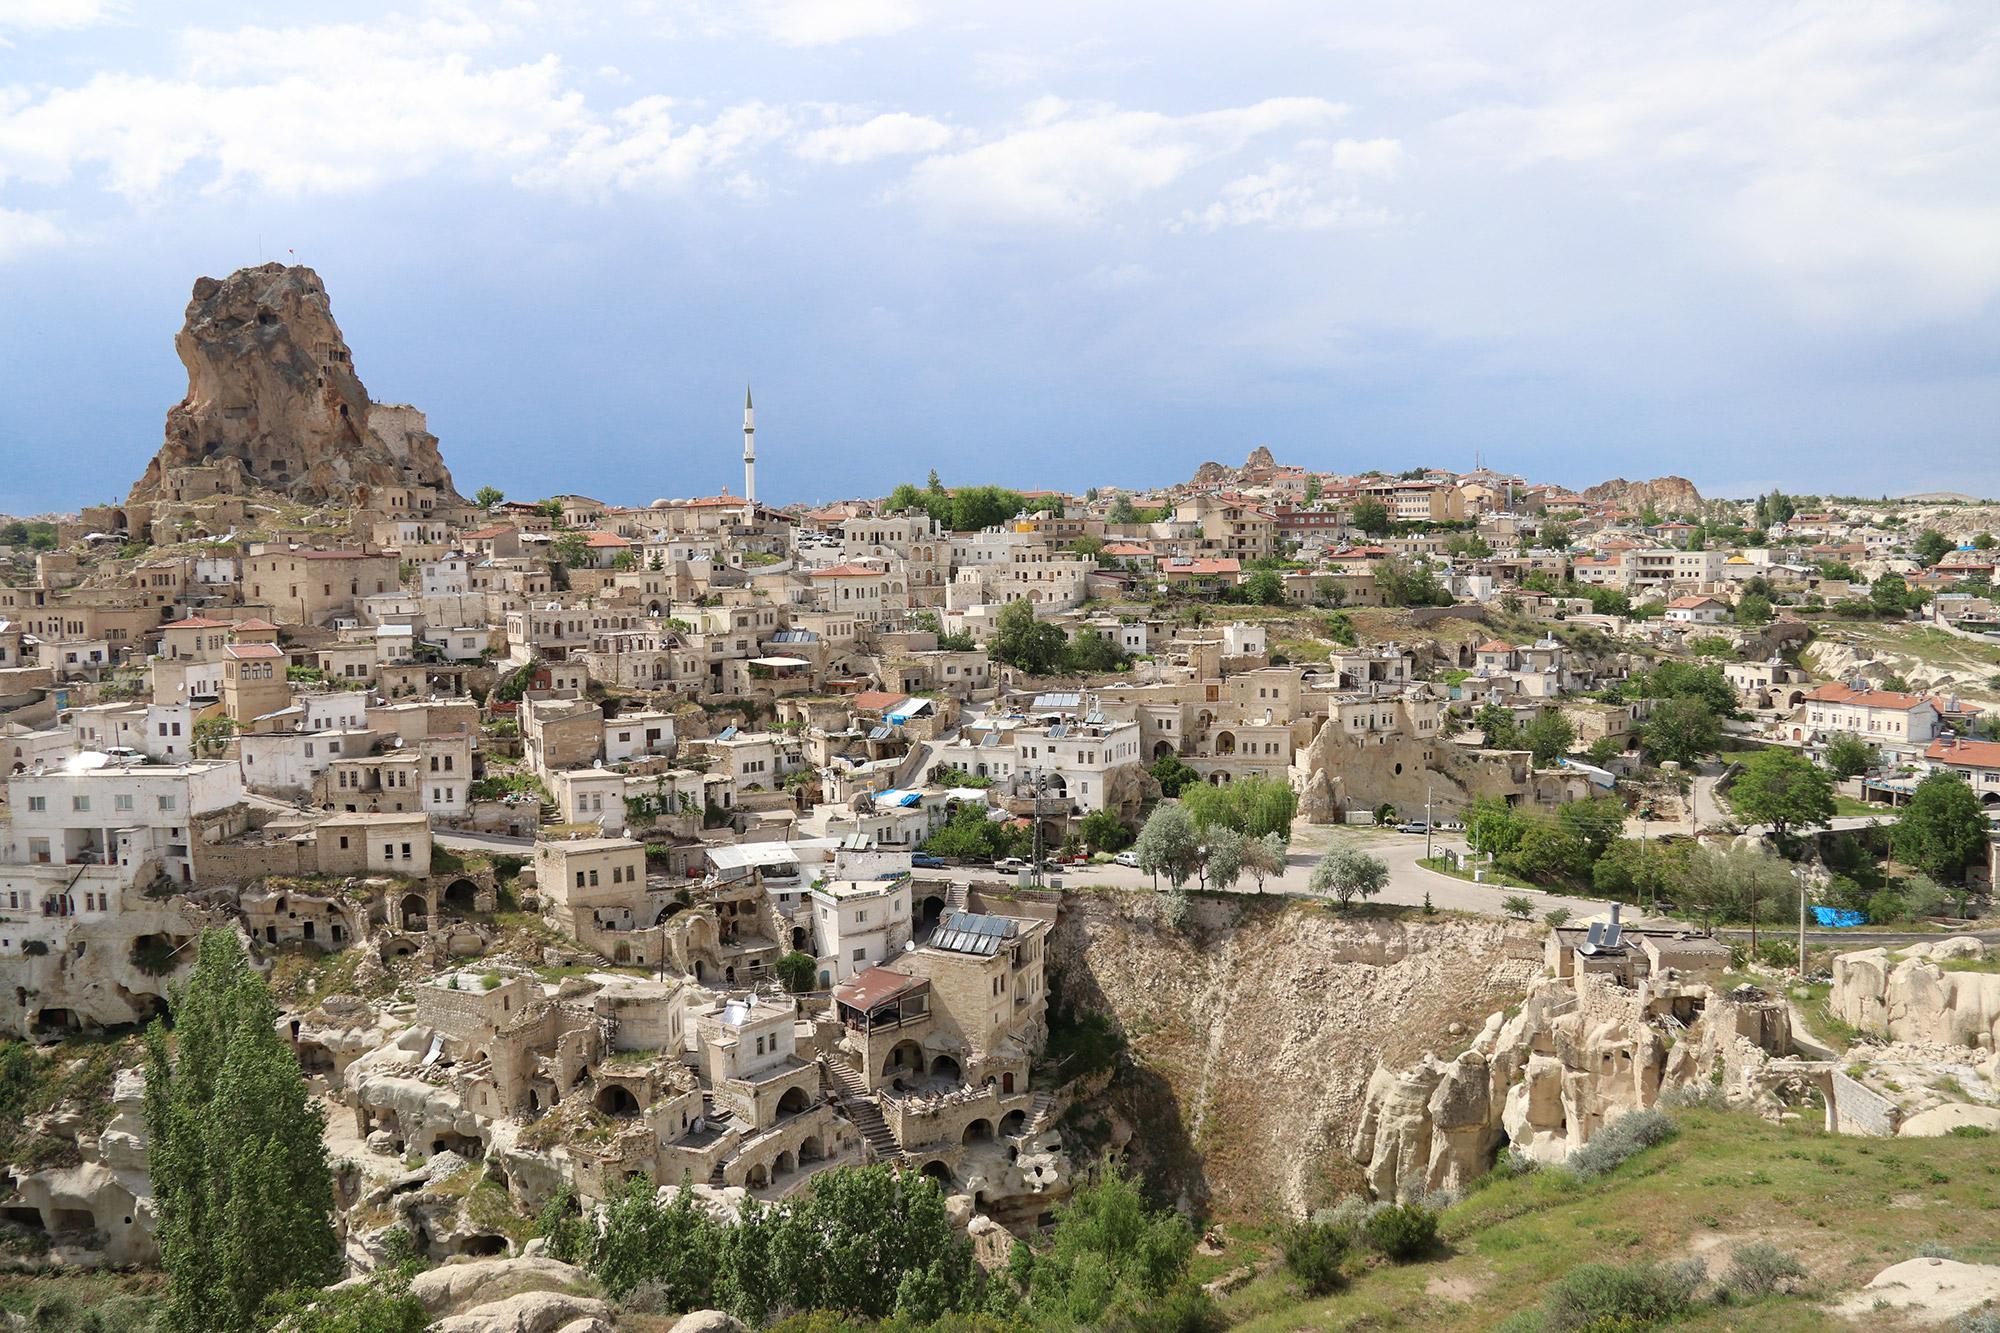 Turkije reisverslag: Magische ballonvaart - Uitzicht op een Grieks dorp